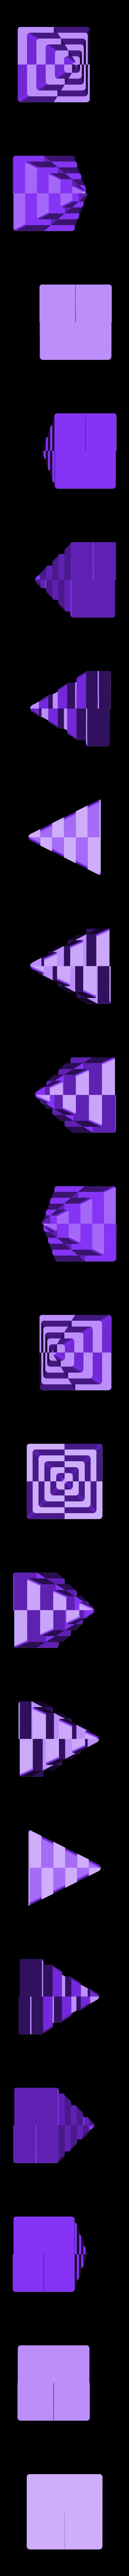 piramide_extr2.stl Télécharger fichier STL gratuit Calibrage de l'extrudeuse double • Objet à imprimer en 3D, saginau